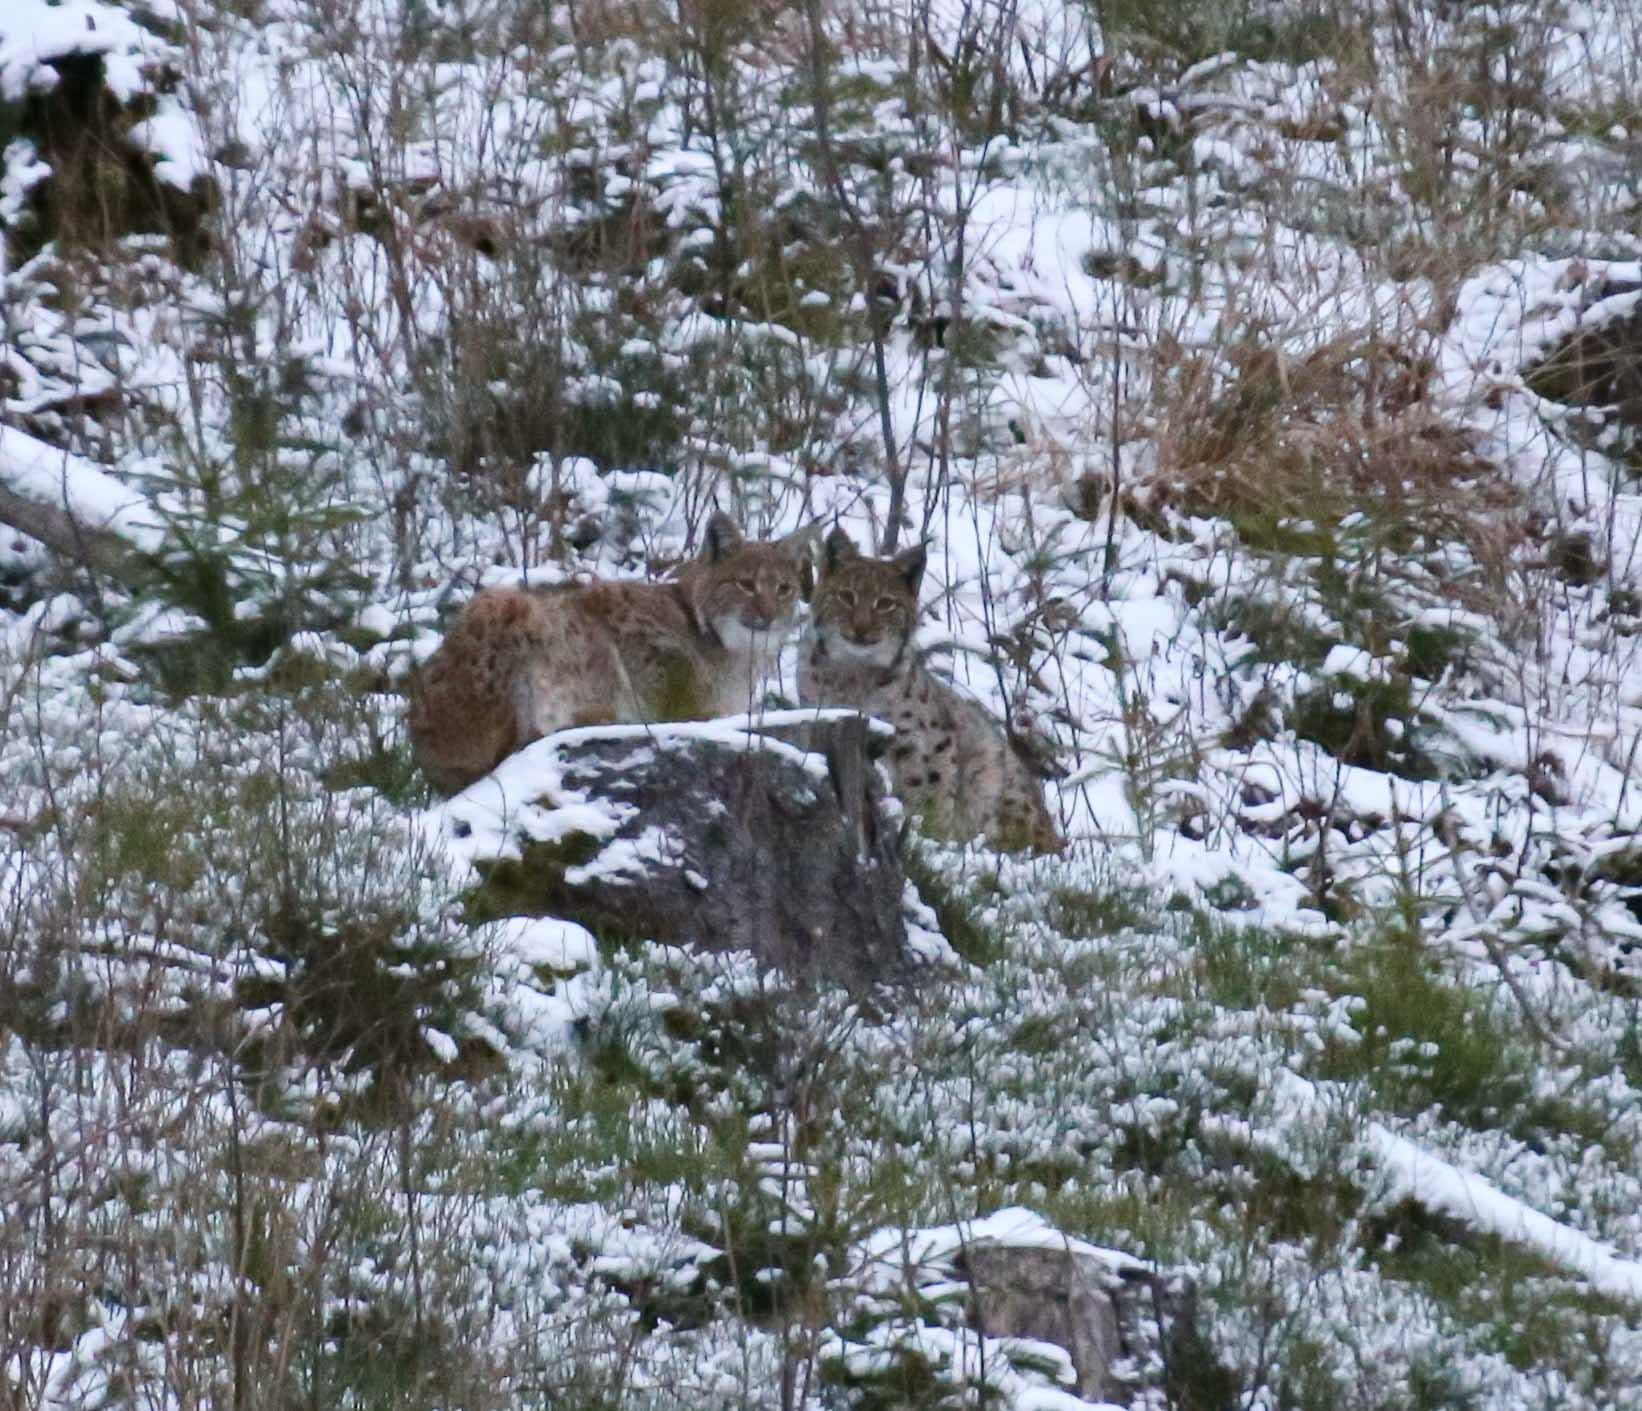 Позують рисі: прикарпатець у горах спіймав на фото двох лісових кішок (СВІТЛИНИ)